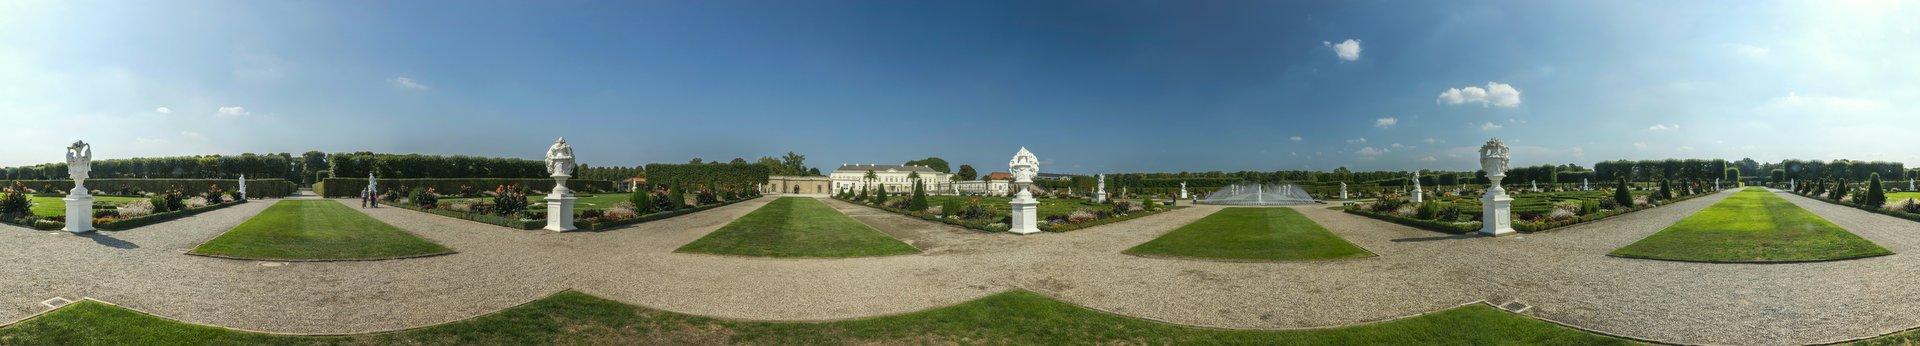 360° Panorama des Parterres bei den Prunkvasen der Elemente im Großen Garten